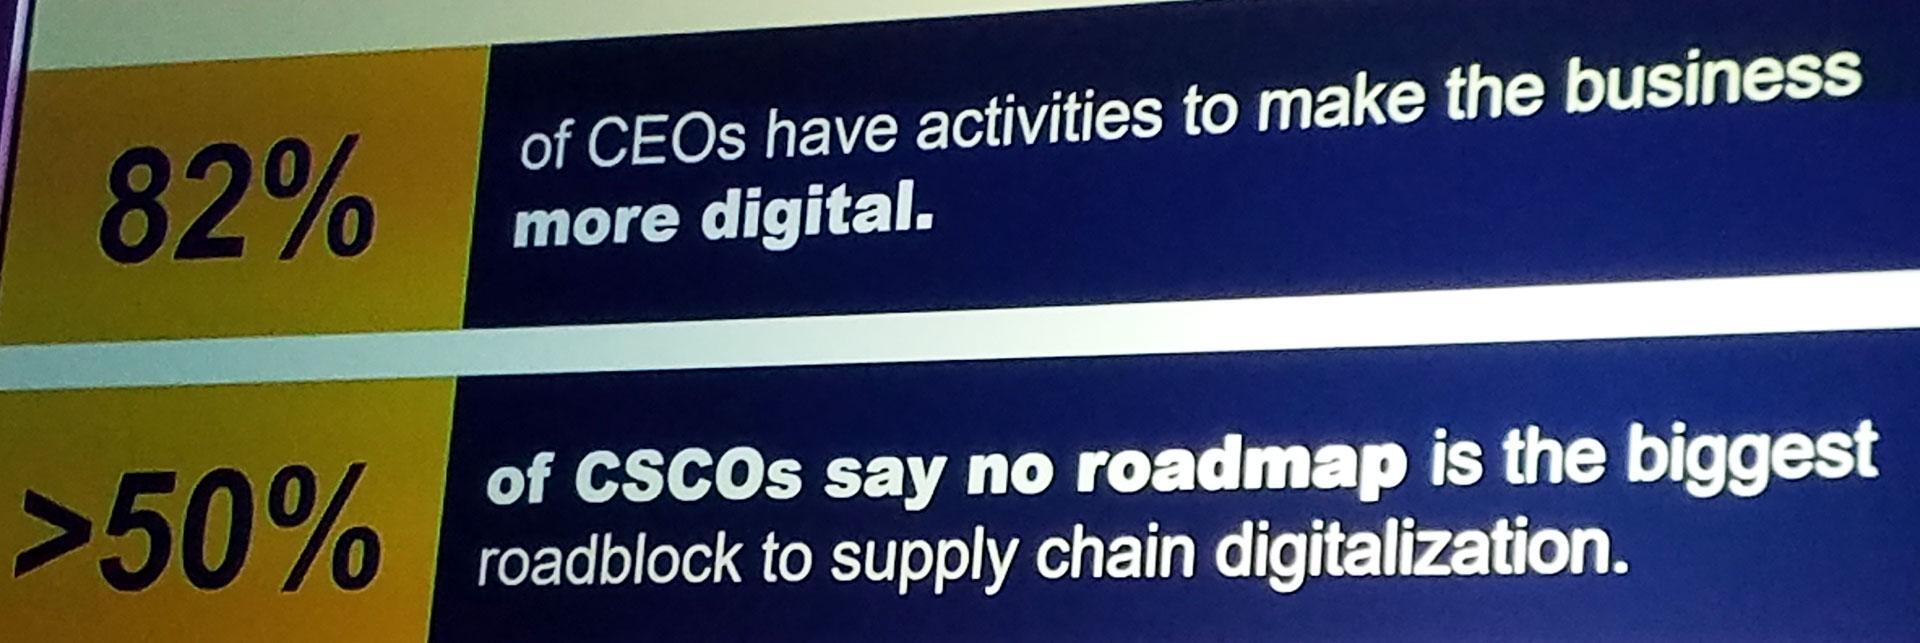 CEO Digital Goals - Gartner Supply Chain Planning Summit 2019